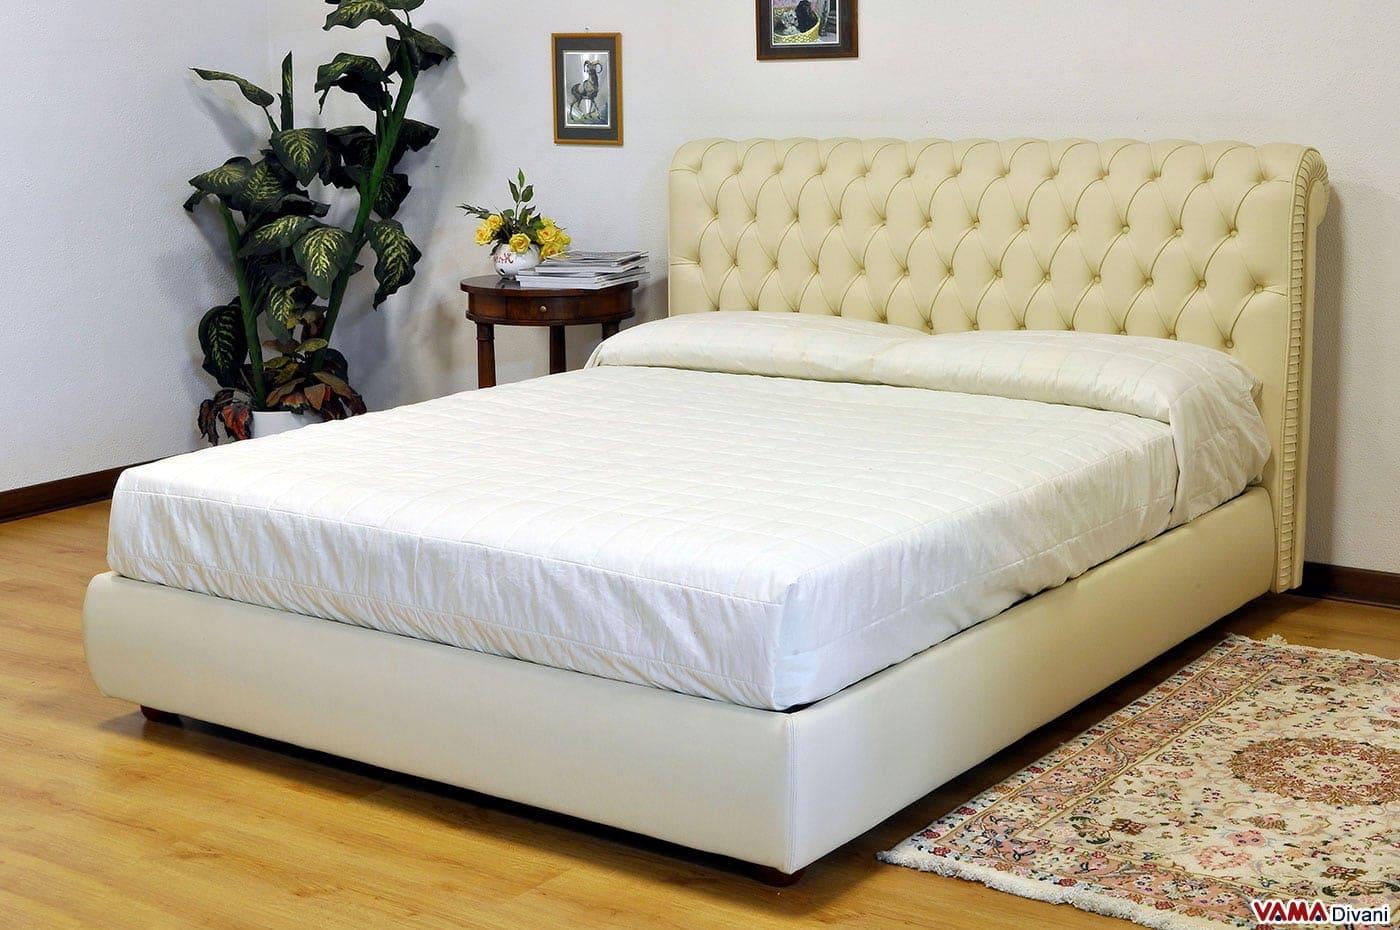 Misure dei letti arredare camera da letto with misure dei - Misure letto rotondo ...